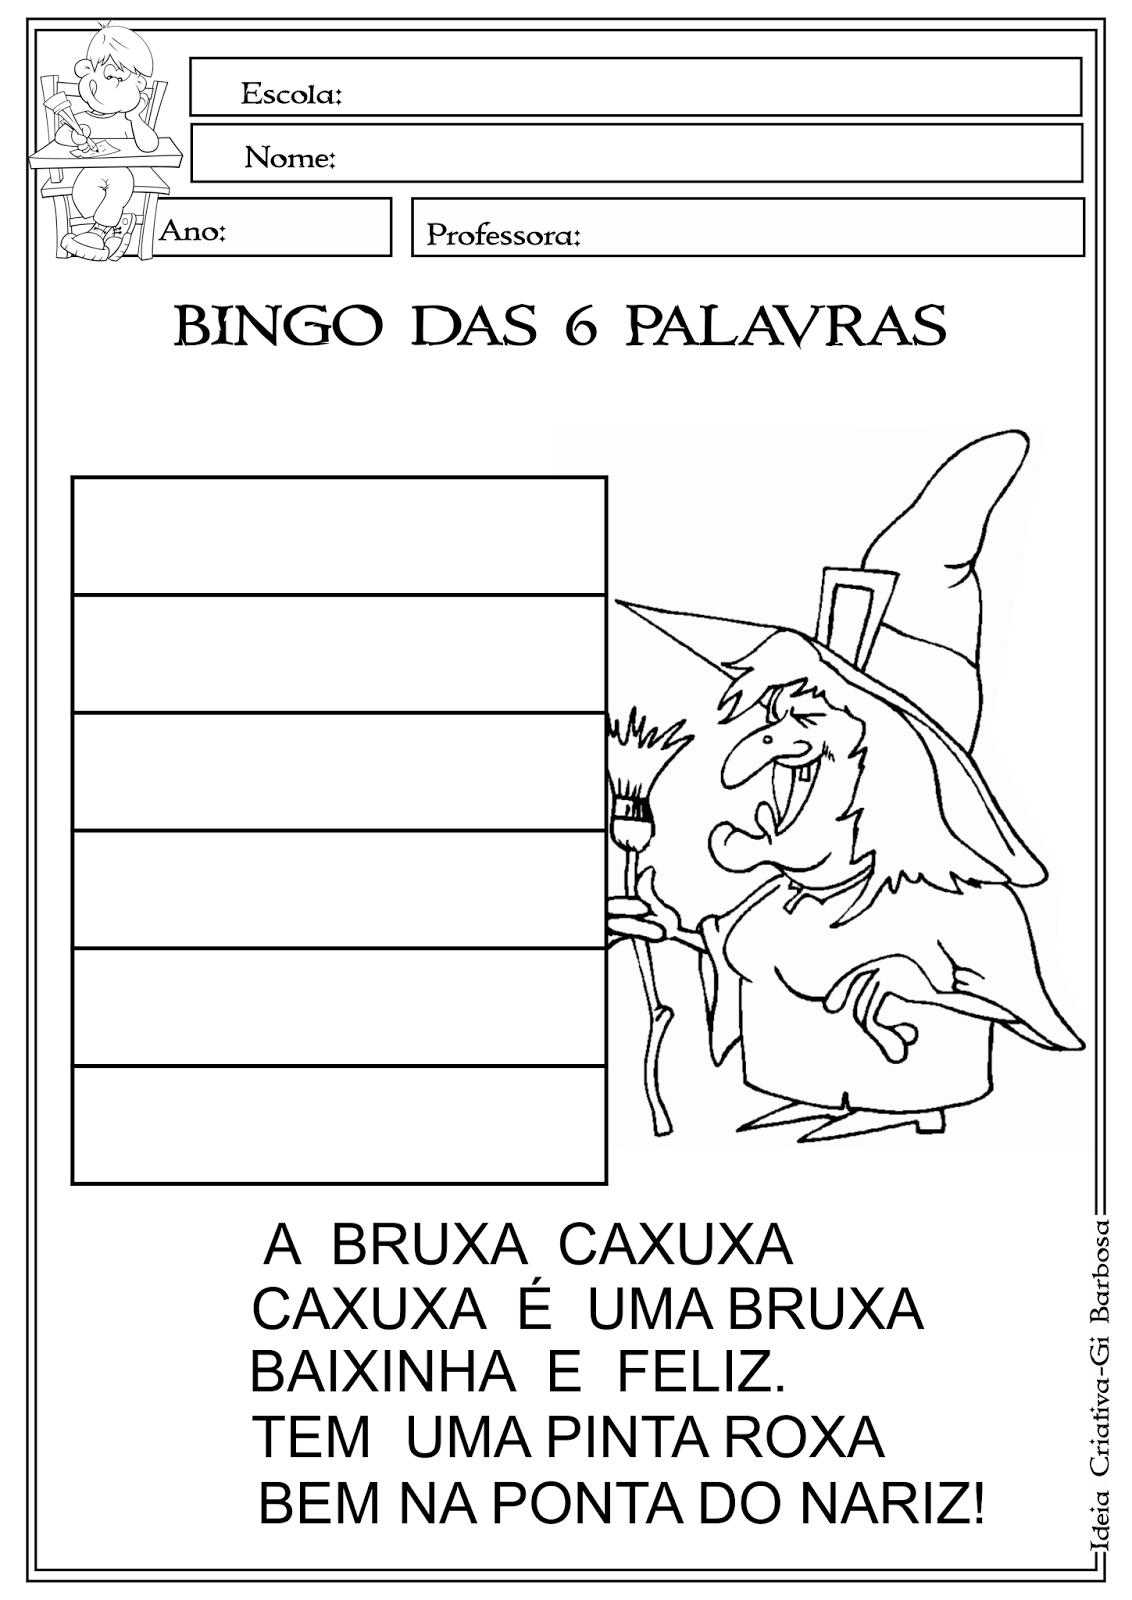 Bingo das 6 palavras A Bruxa Caxuxa